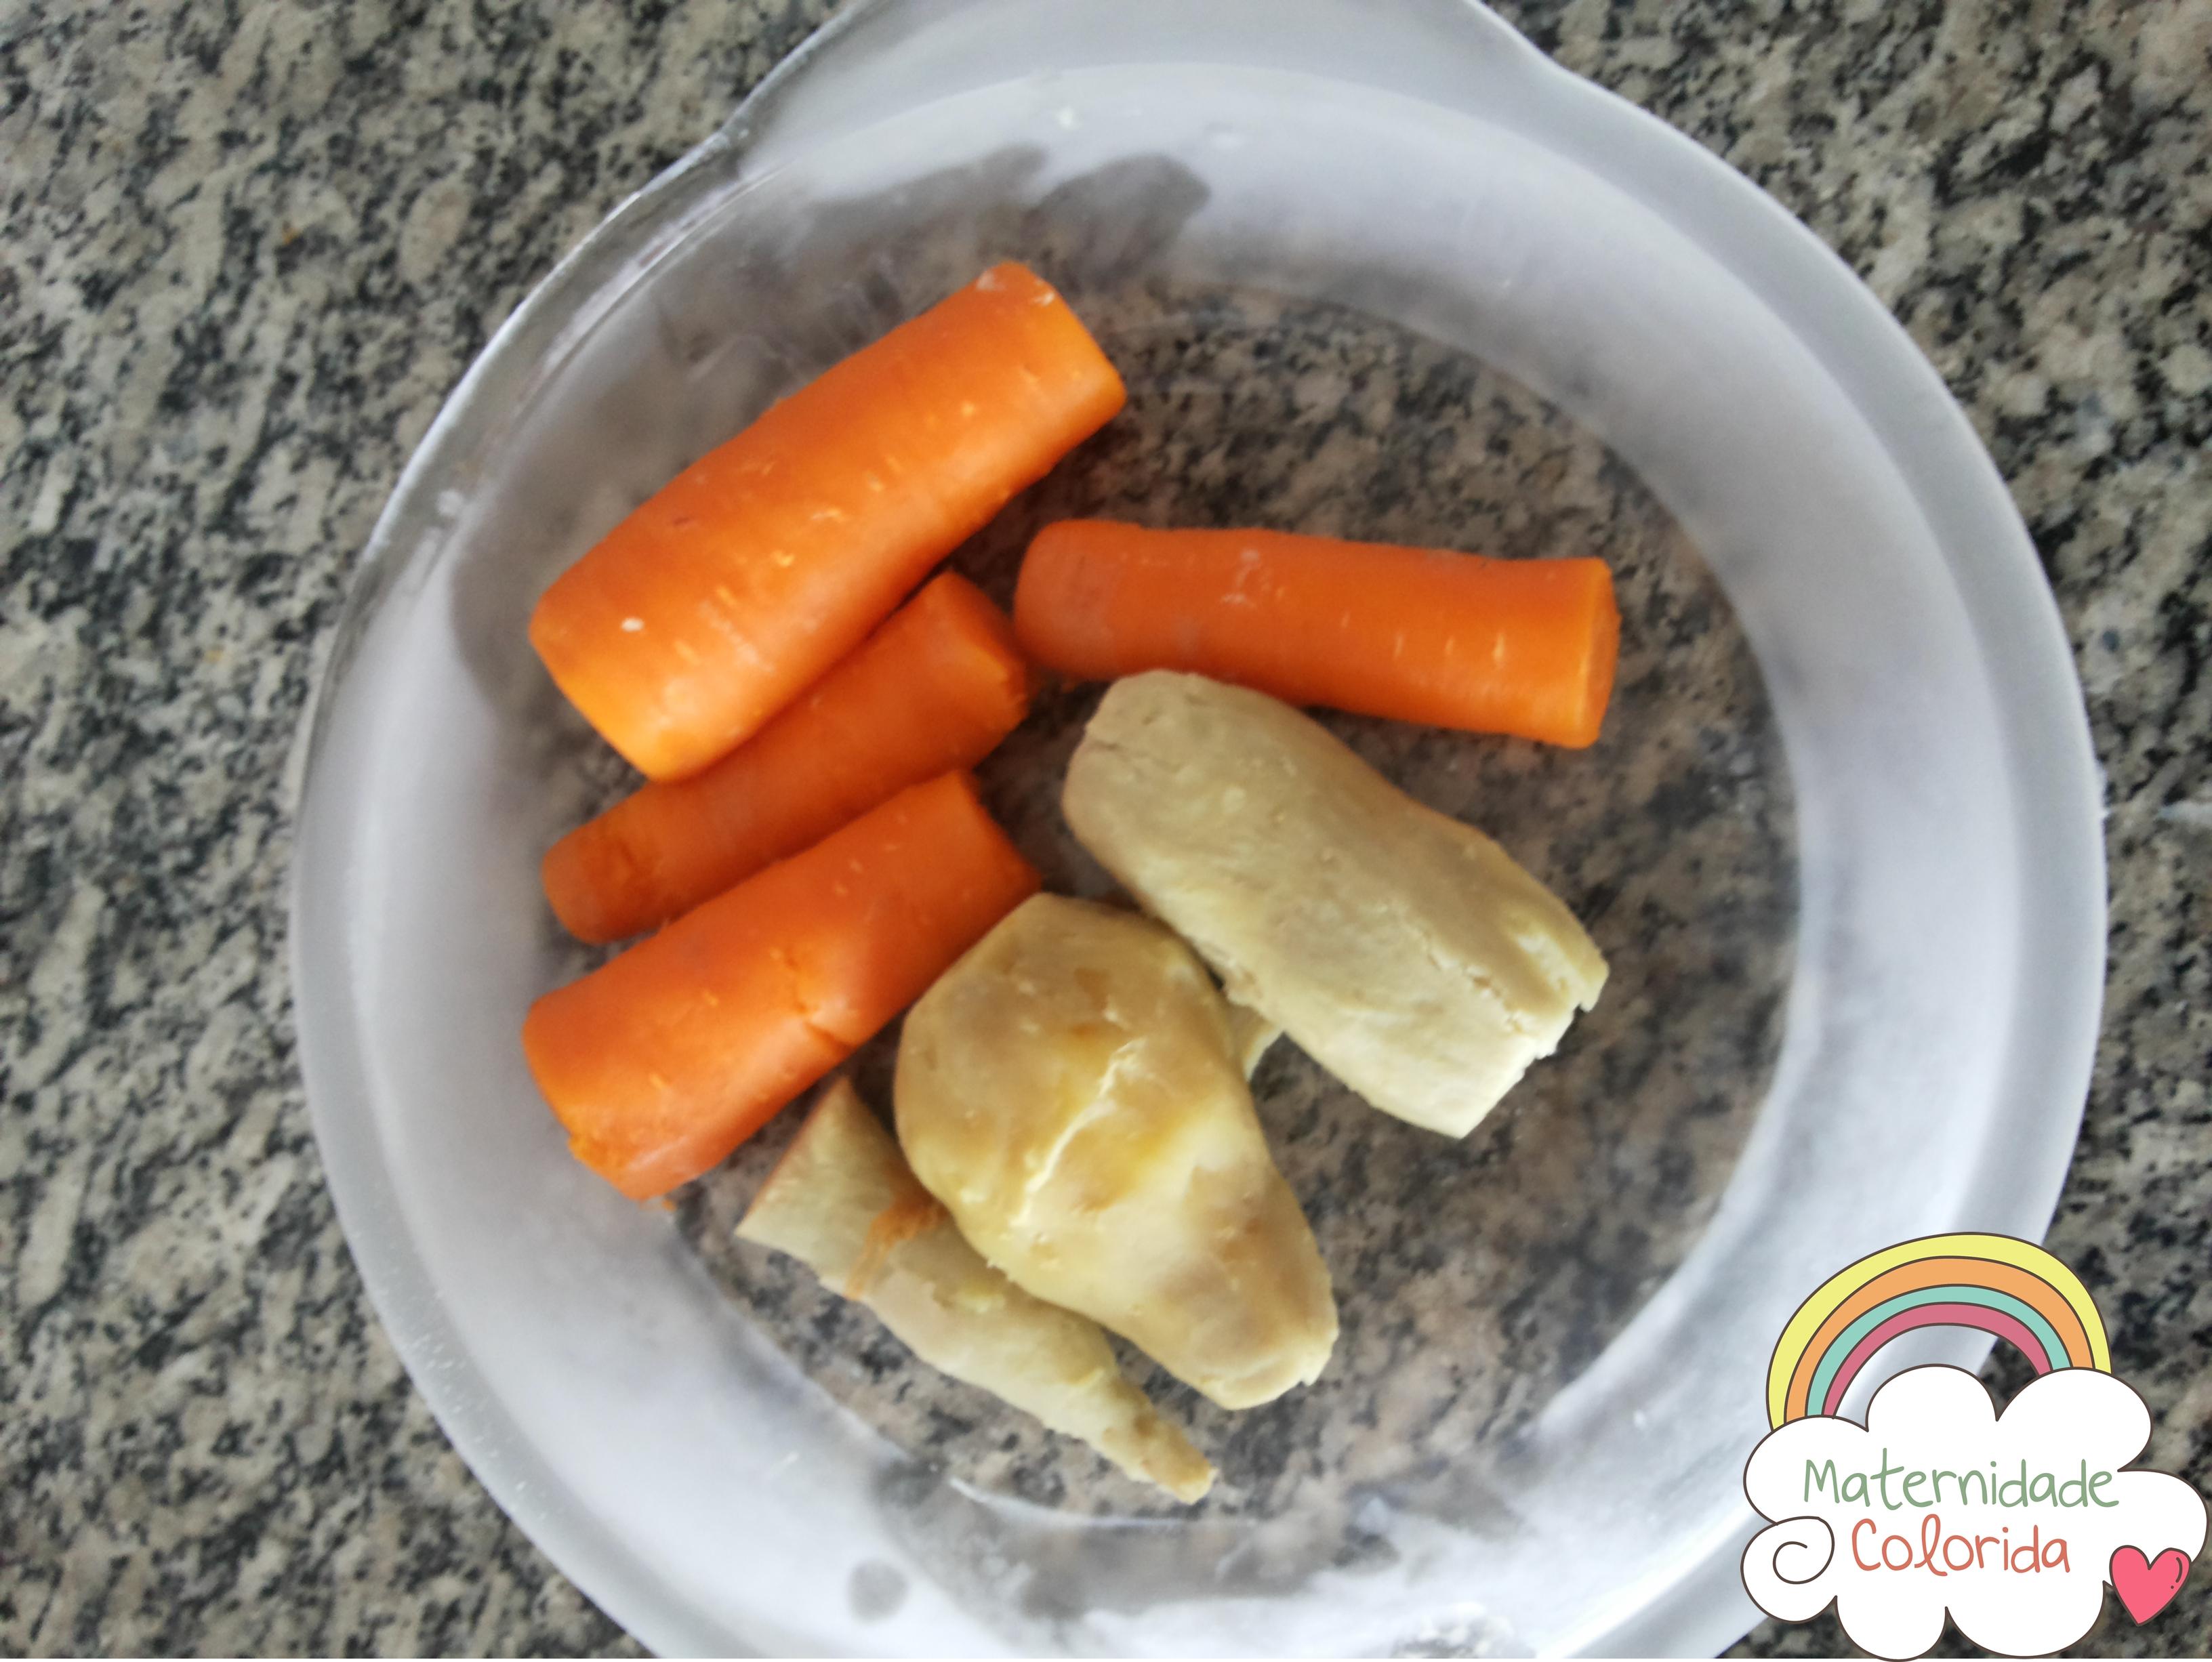 batata doce e cenoura rostie recheada com queijo